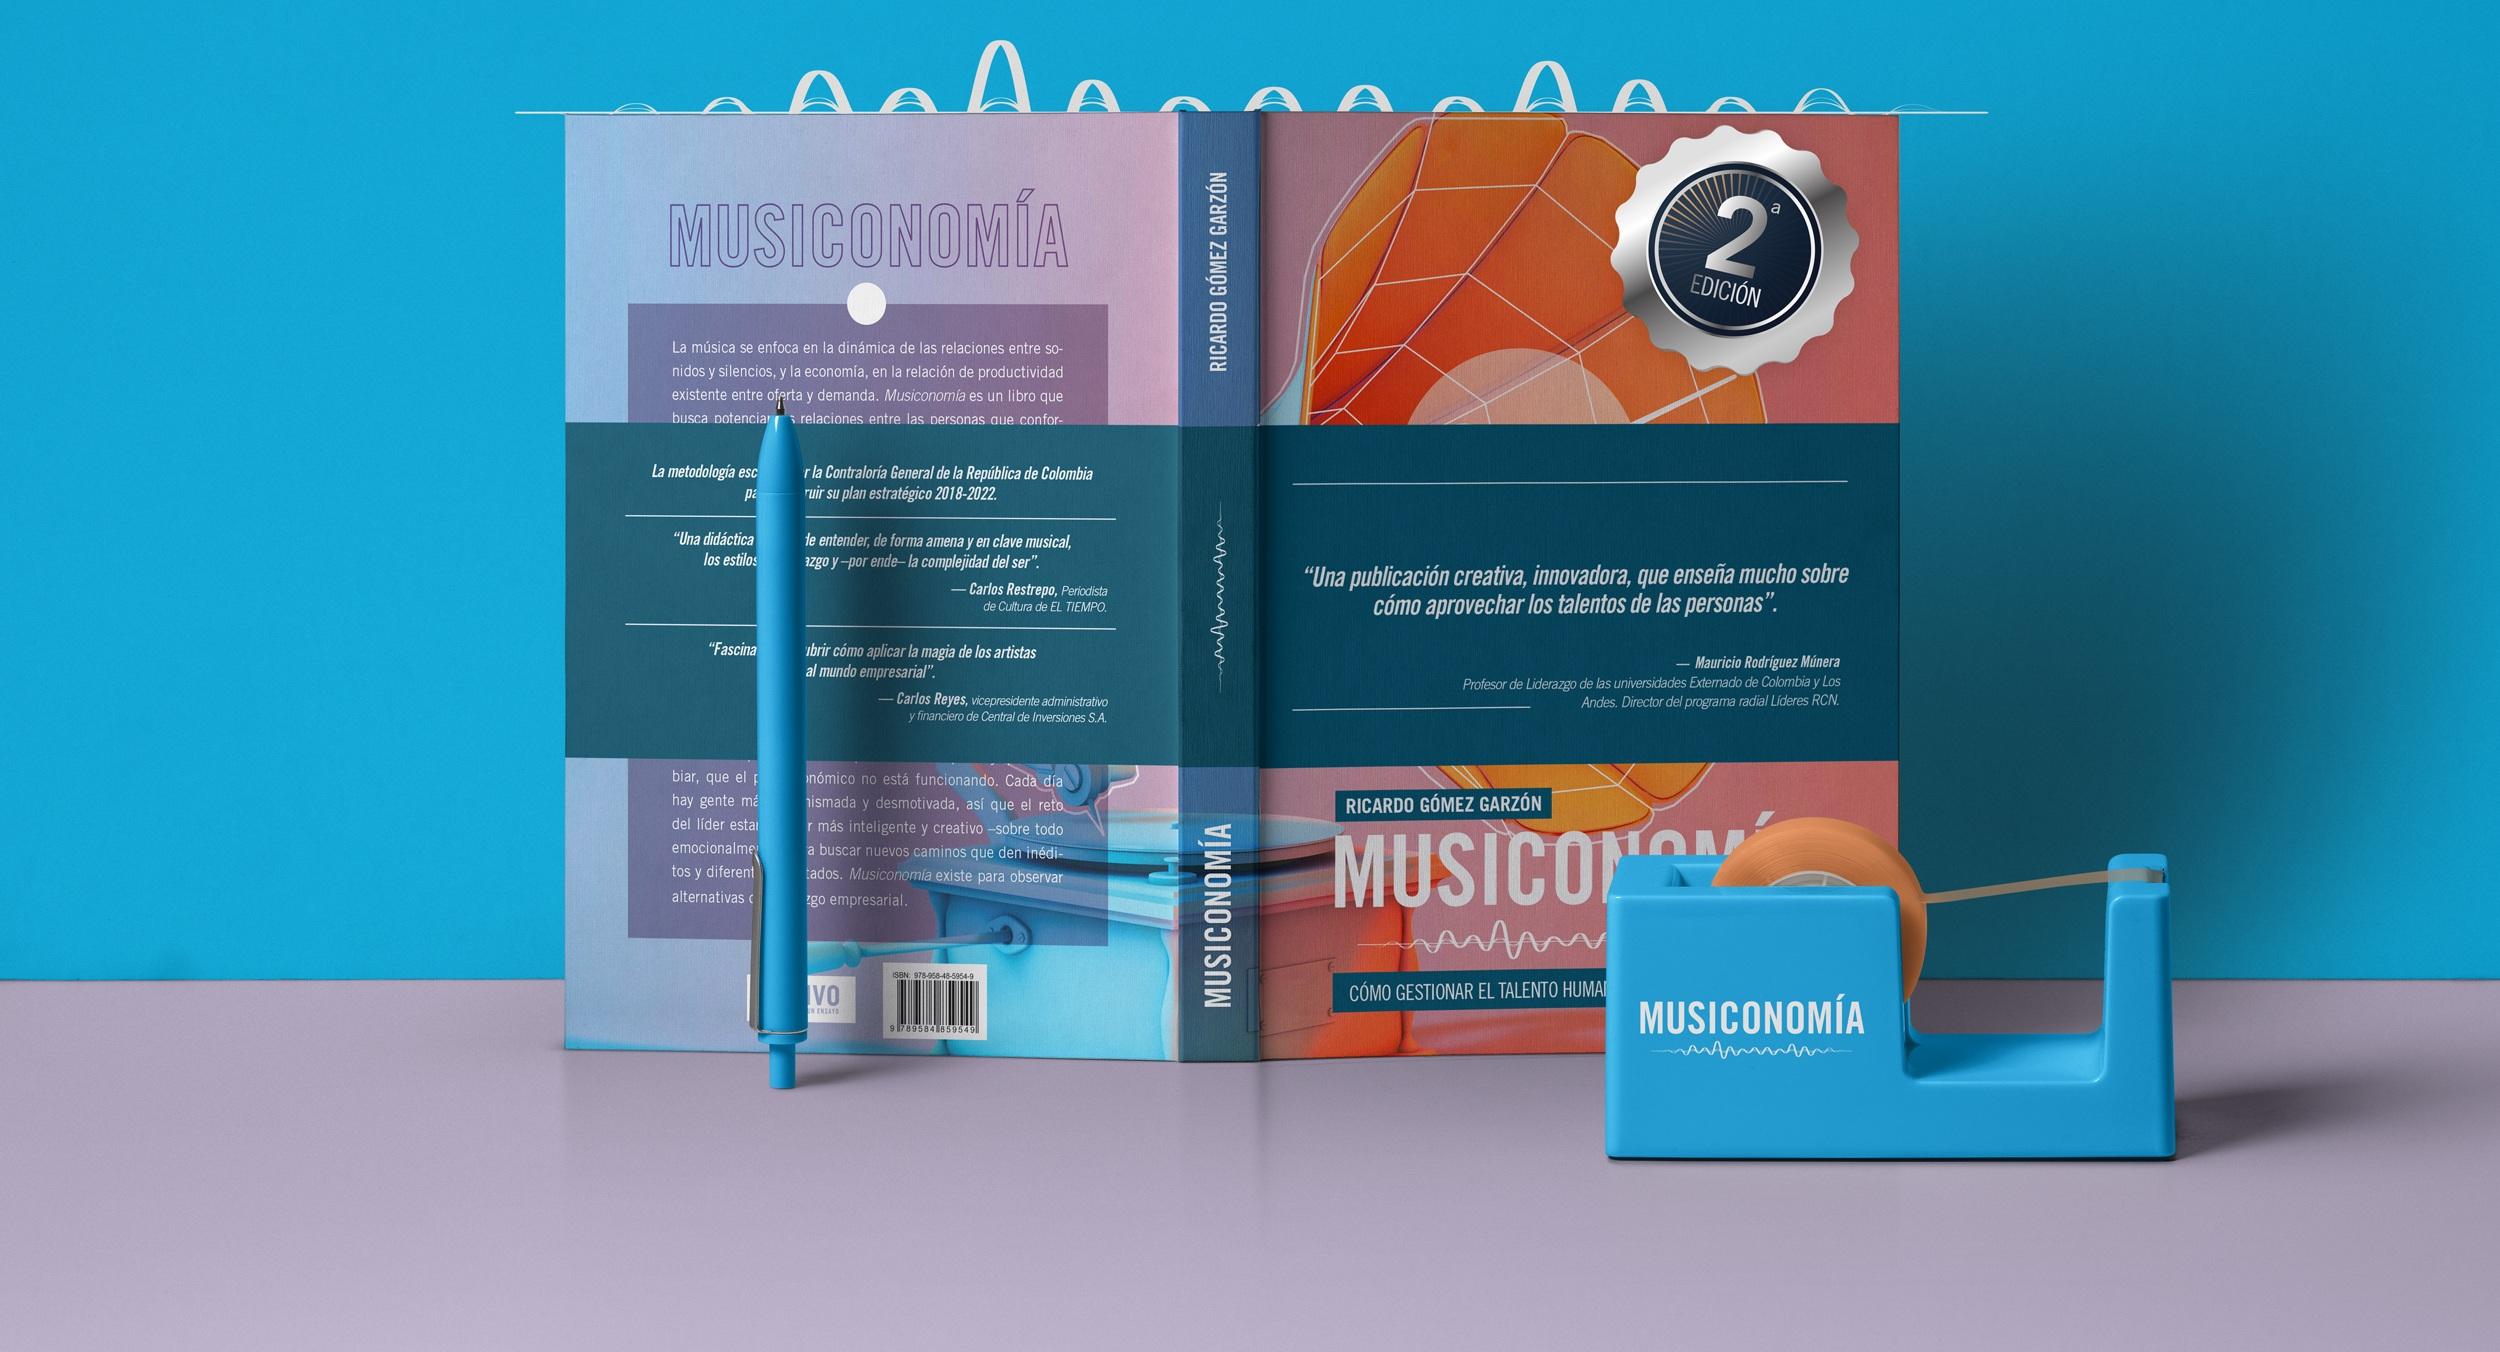 Musiconomia-edicion2-1.jpg